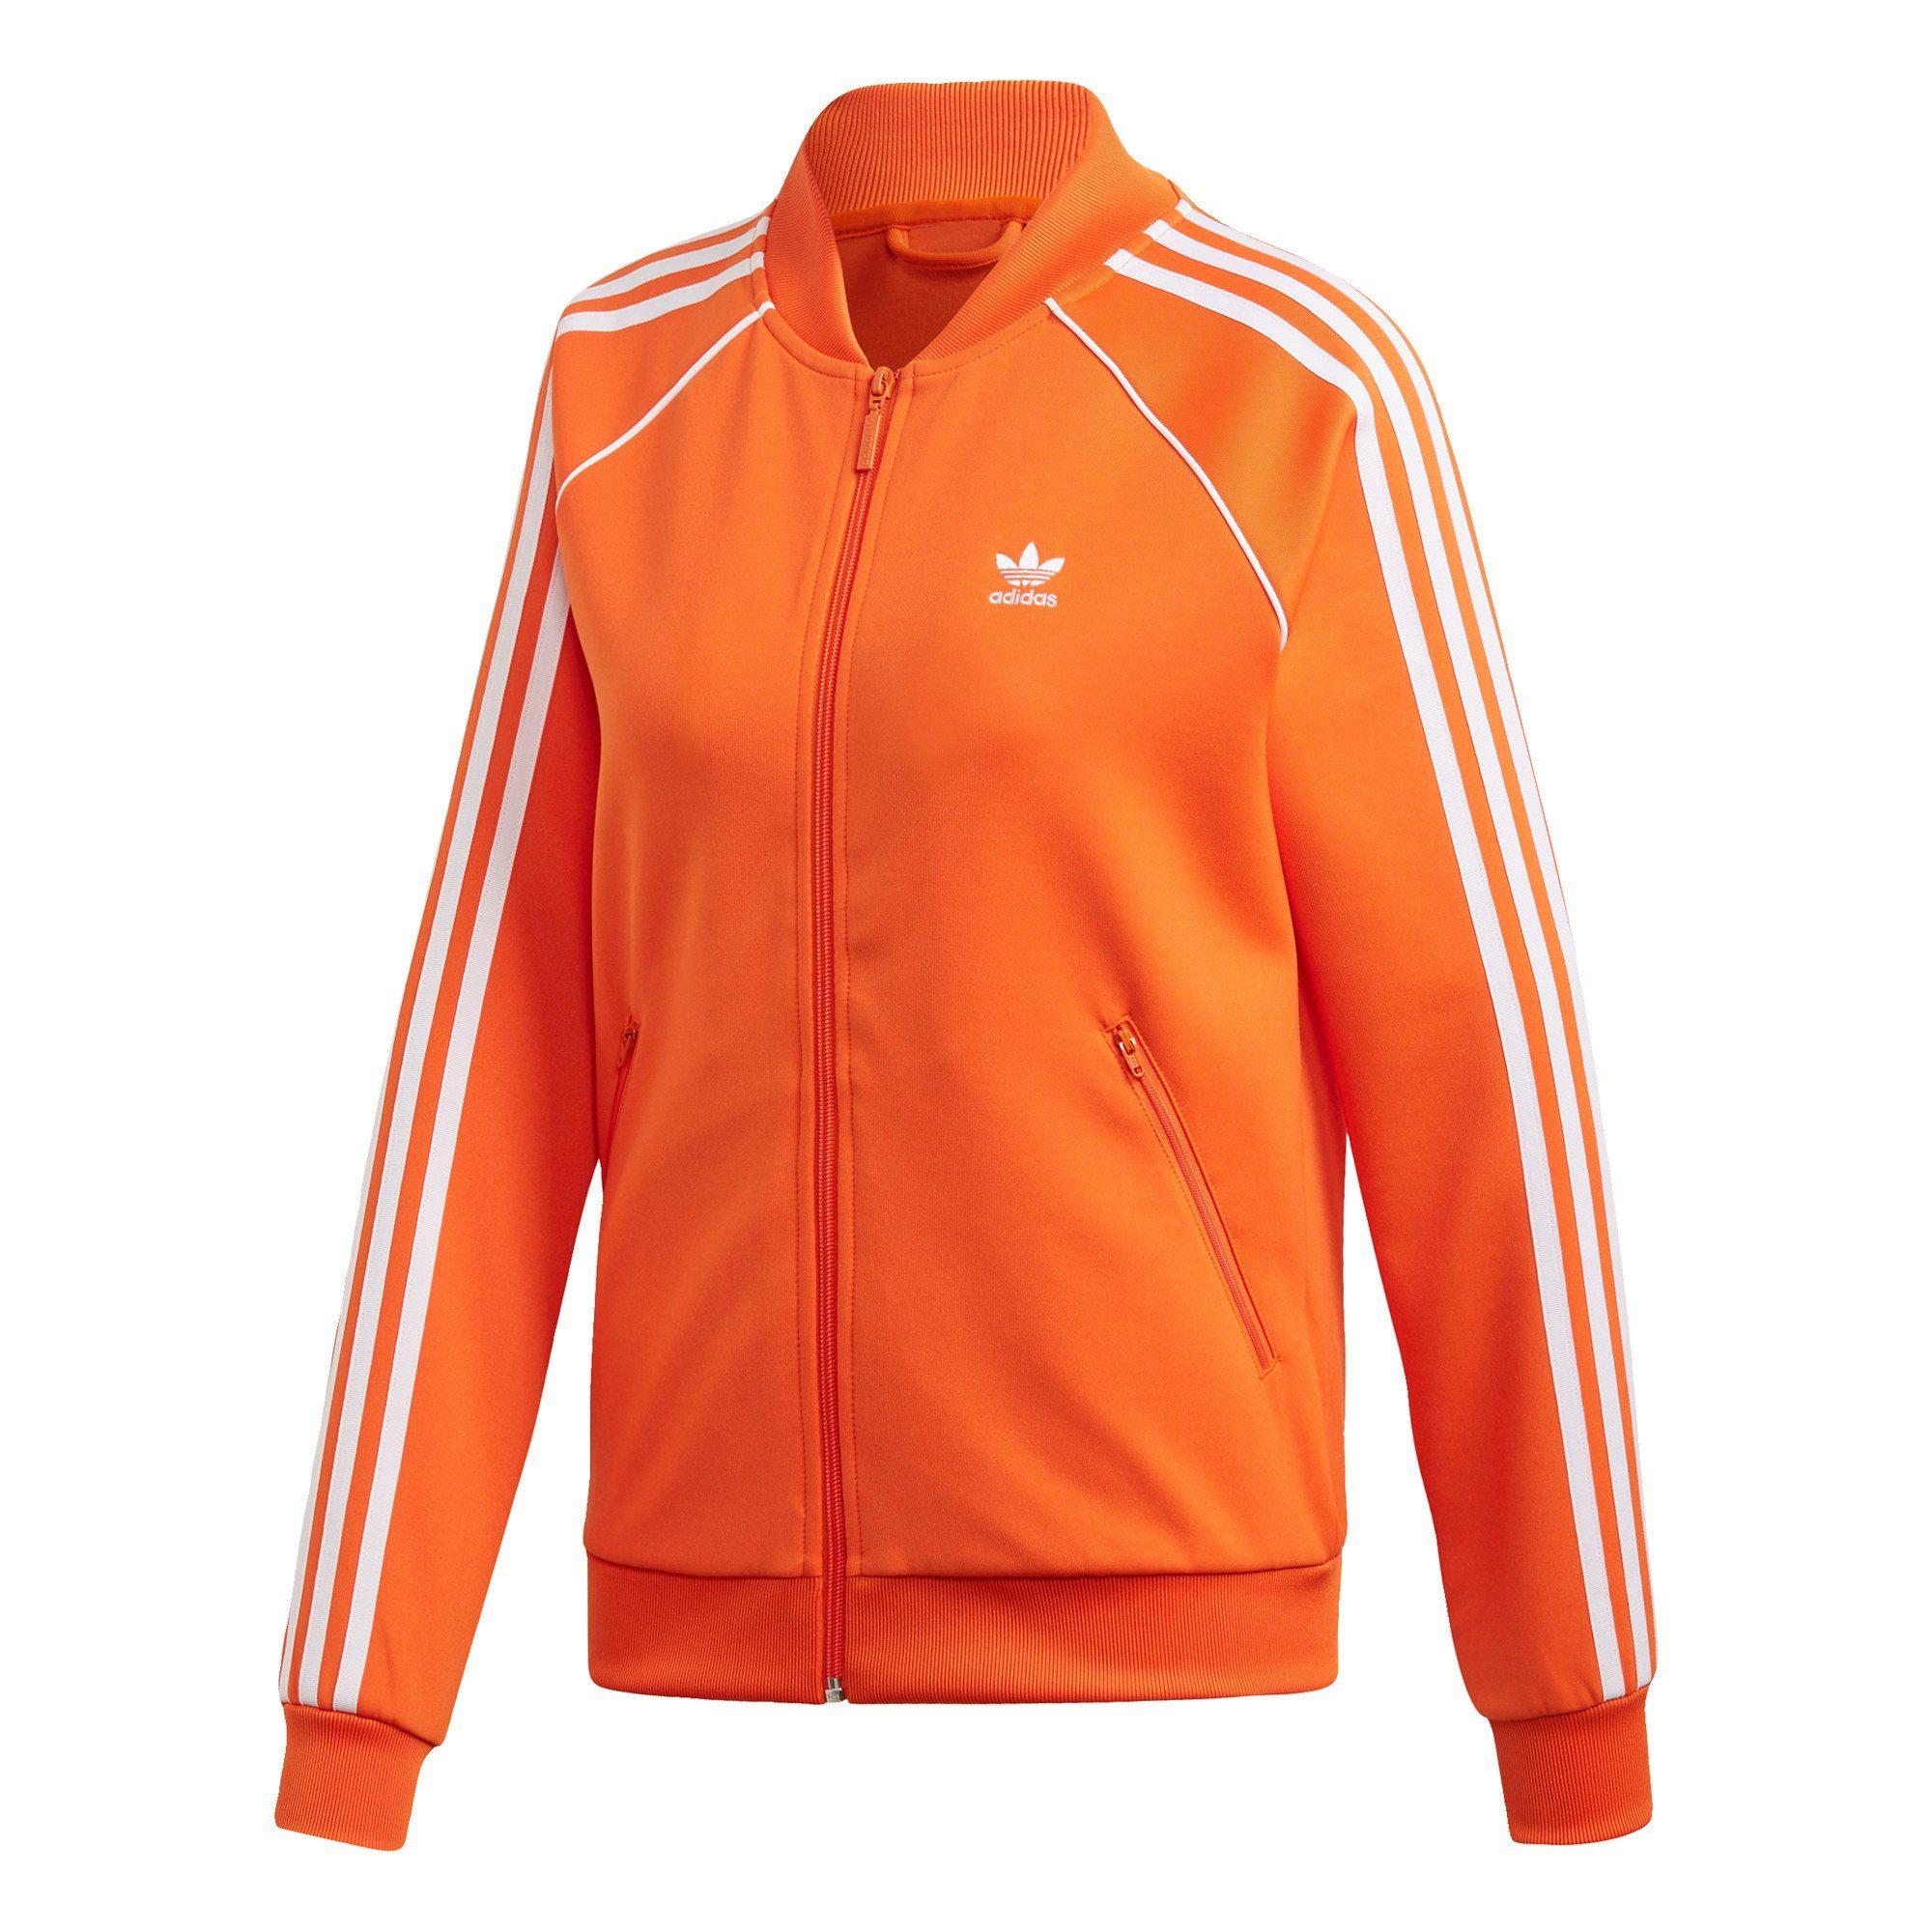 adidas Originals Sweatjacke »SST Originals Jacke« adicolor online kaufen | OTTO